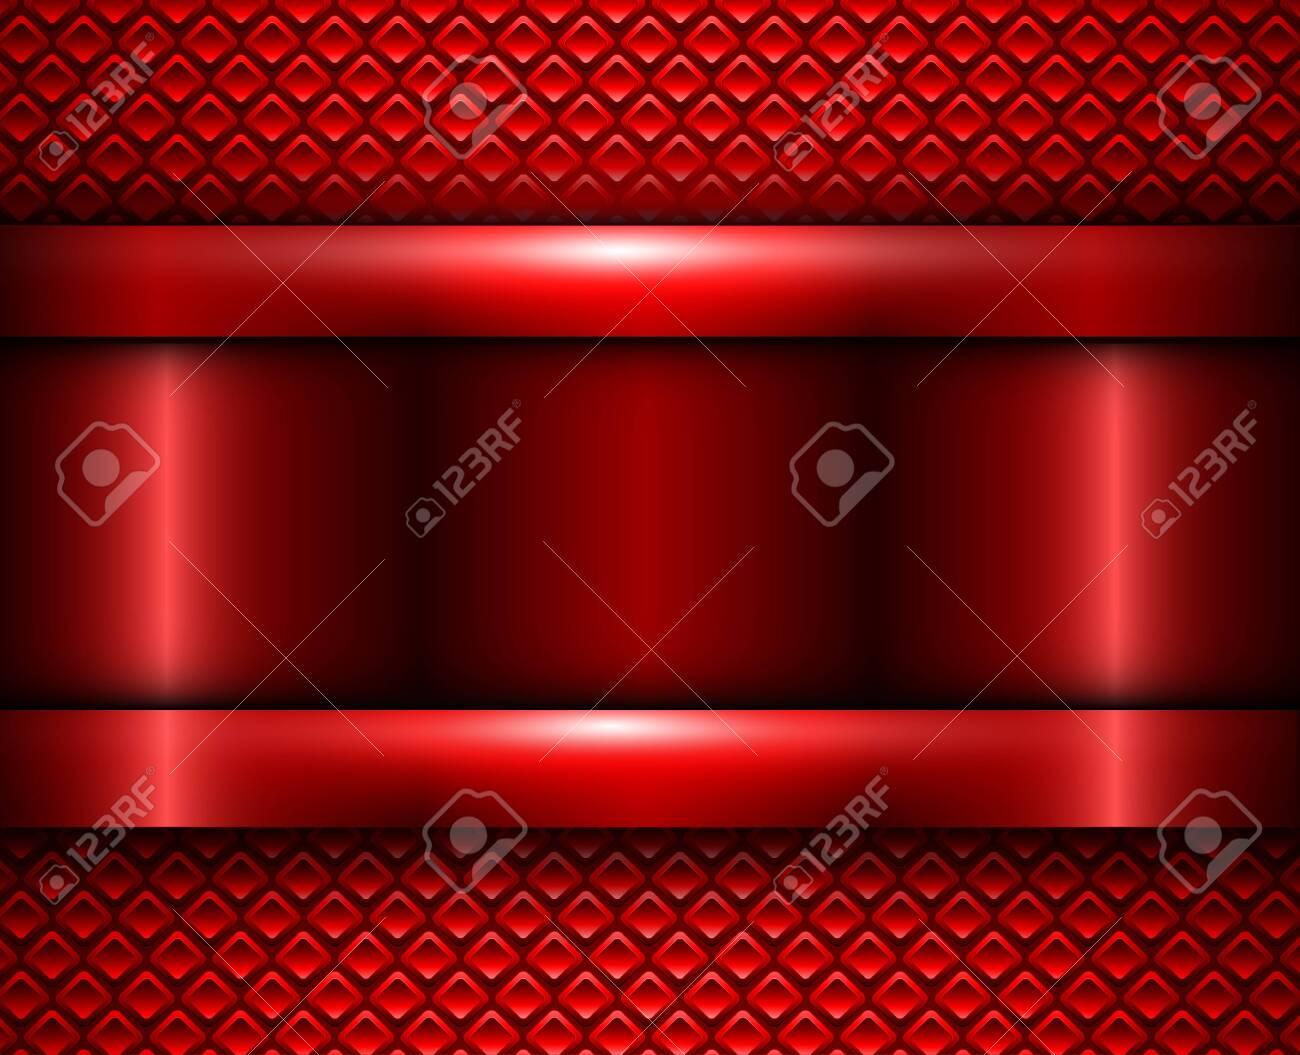 Background red metallic, vector metal texture design. - 140878869